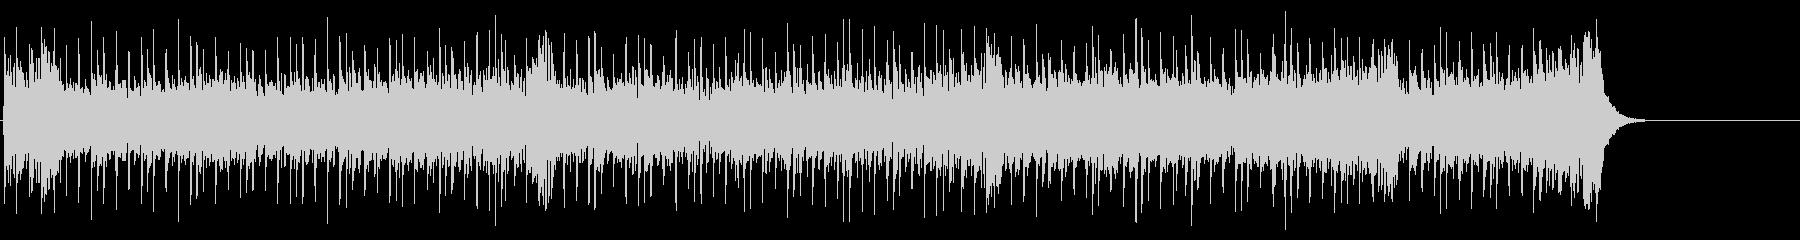 軽快なテクノ・ポップ(A~B~サビ)の未再生の波形